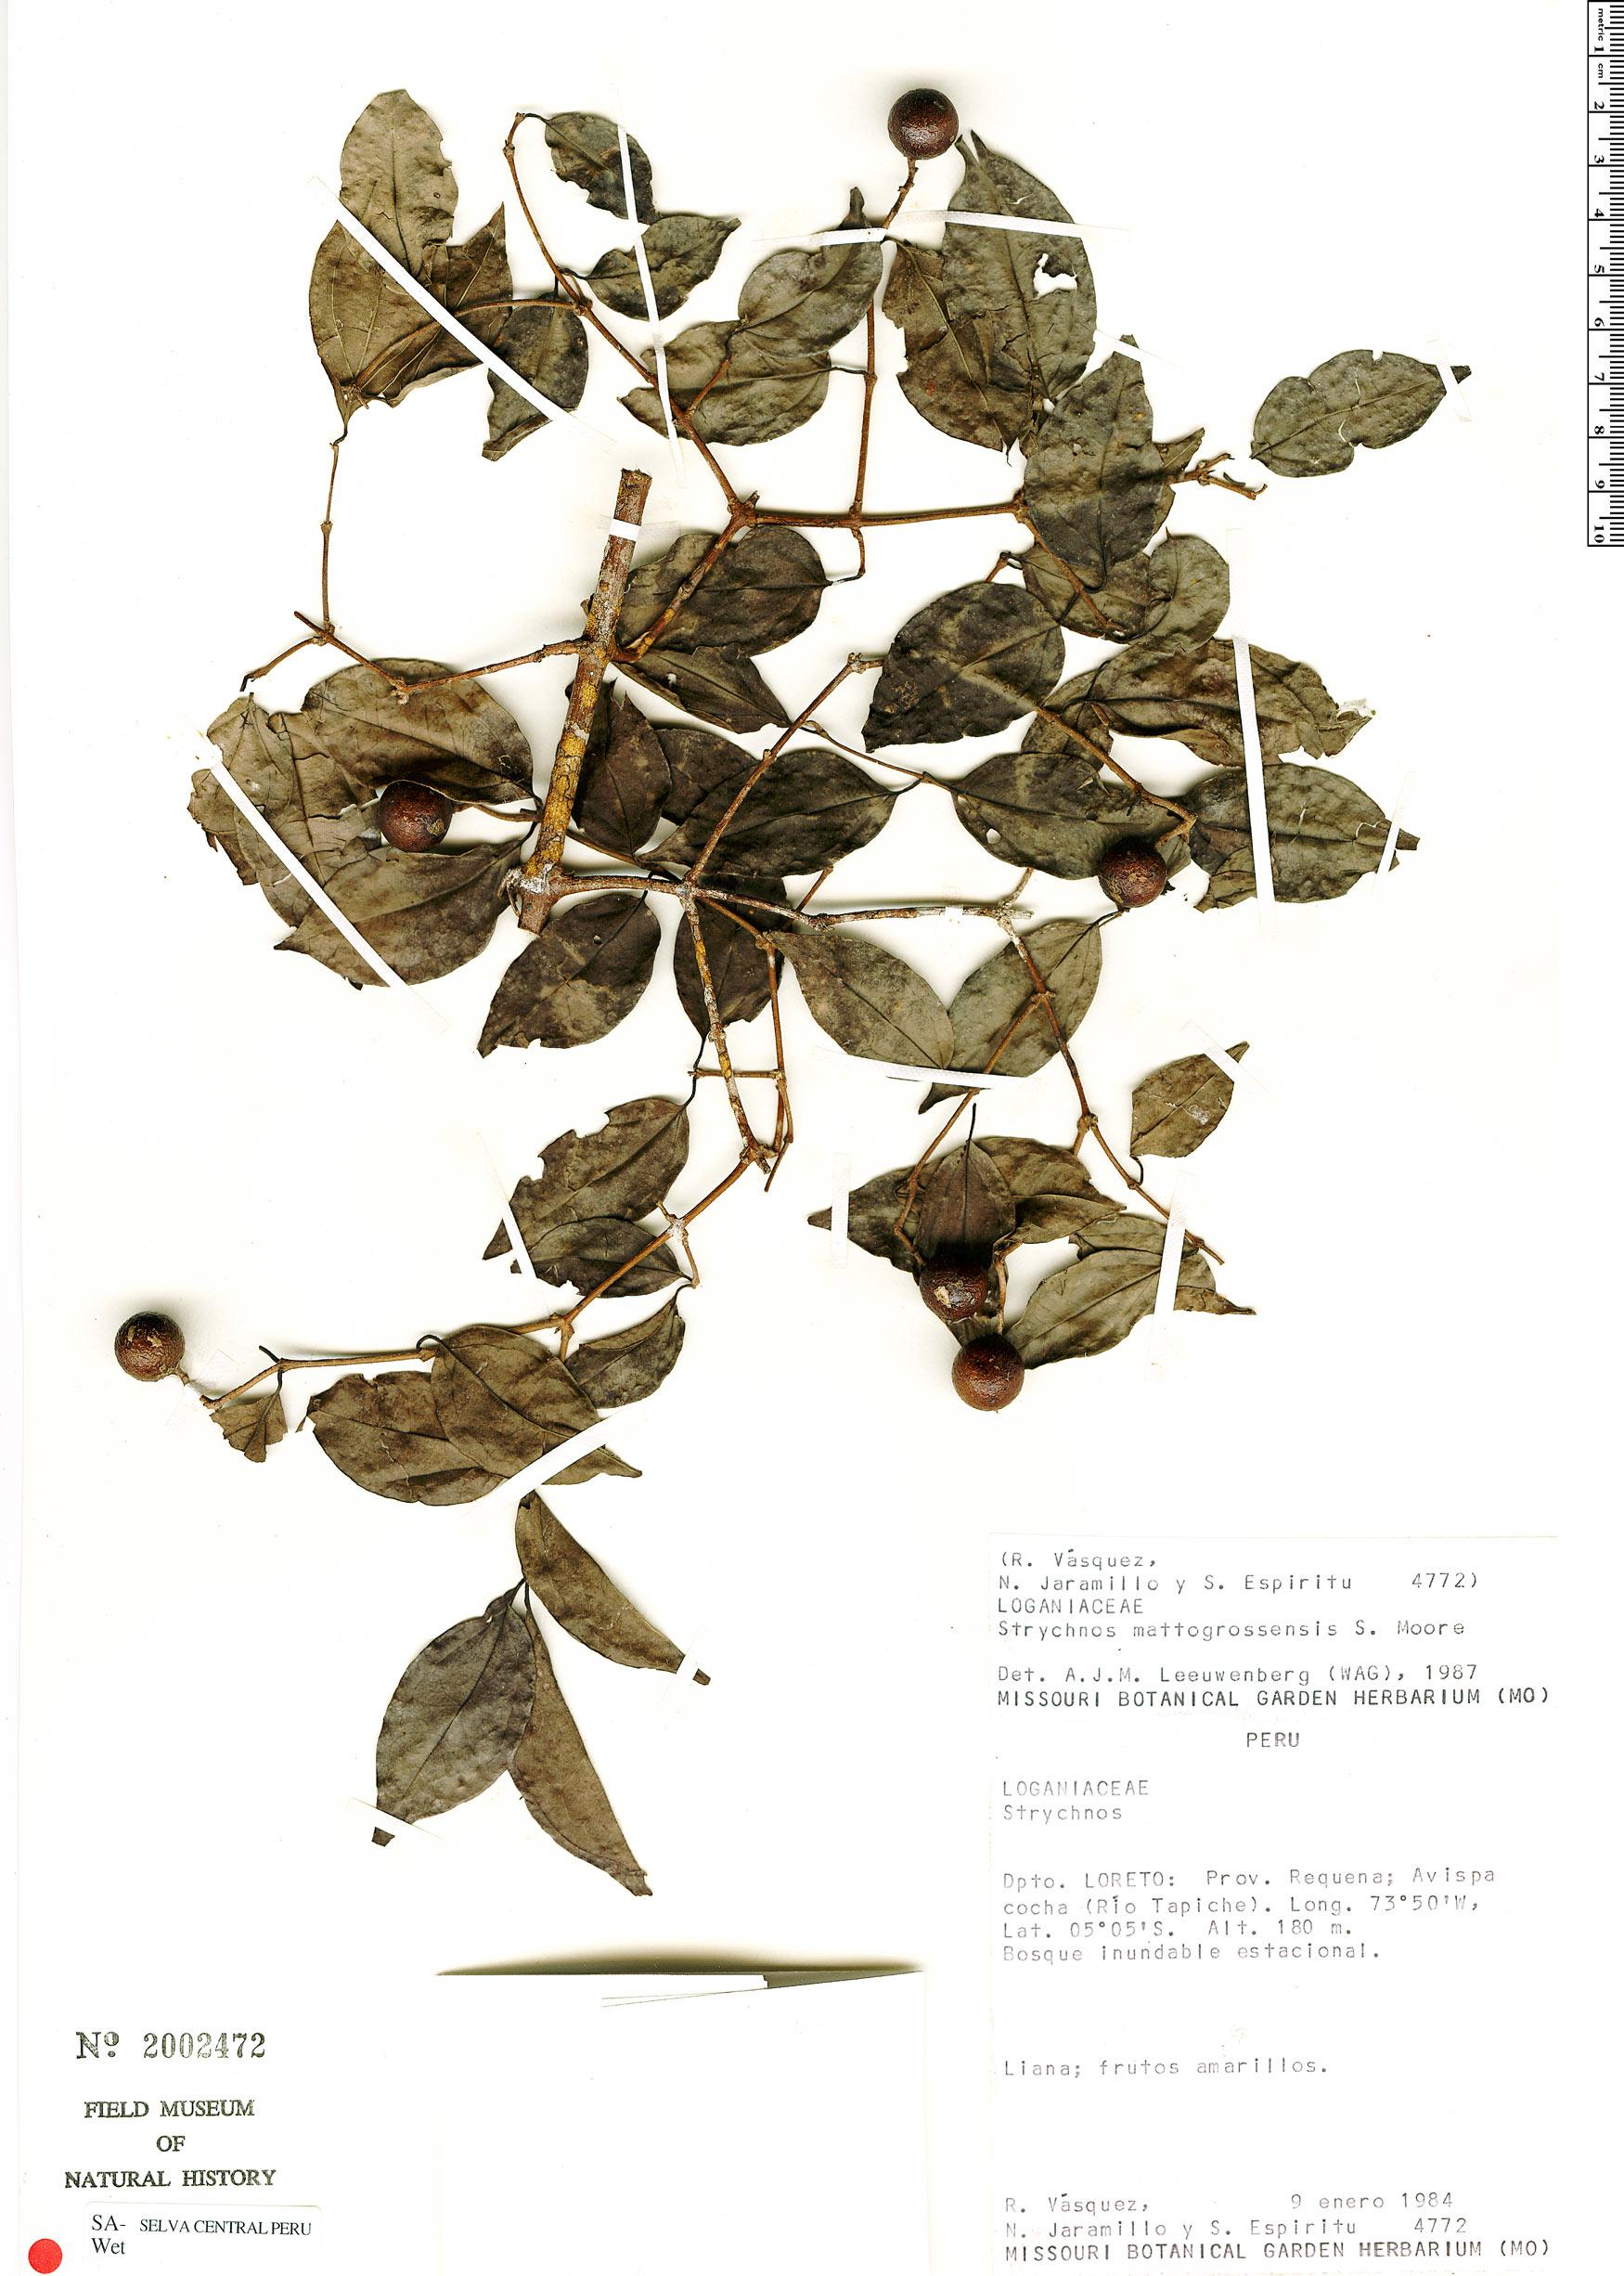 Specimen: Strychnos mattogrossensis